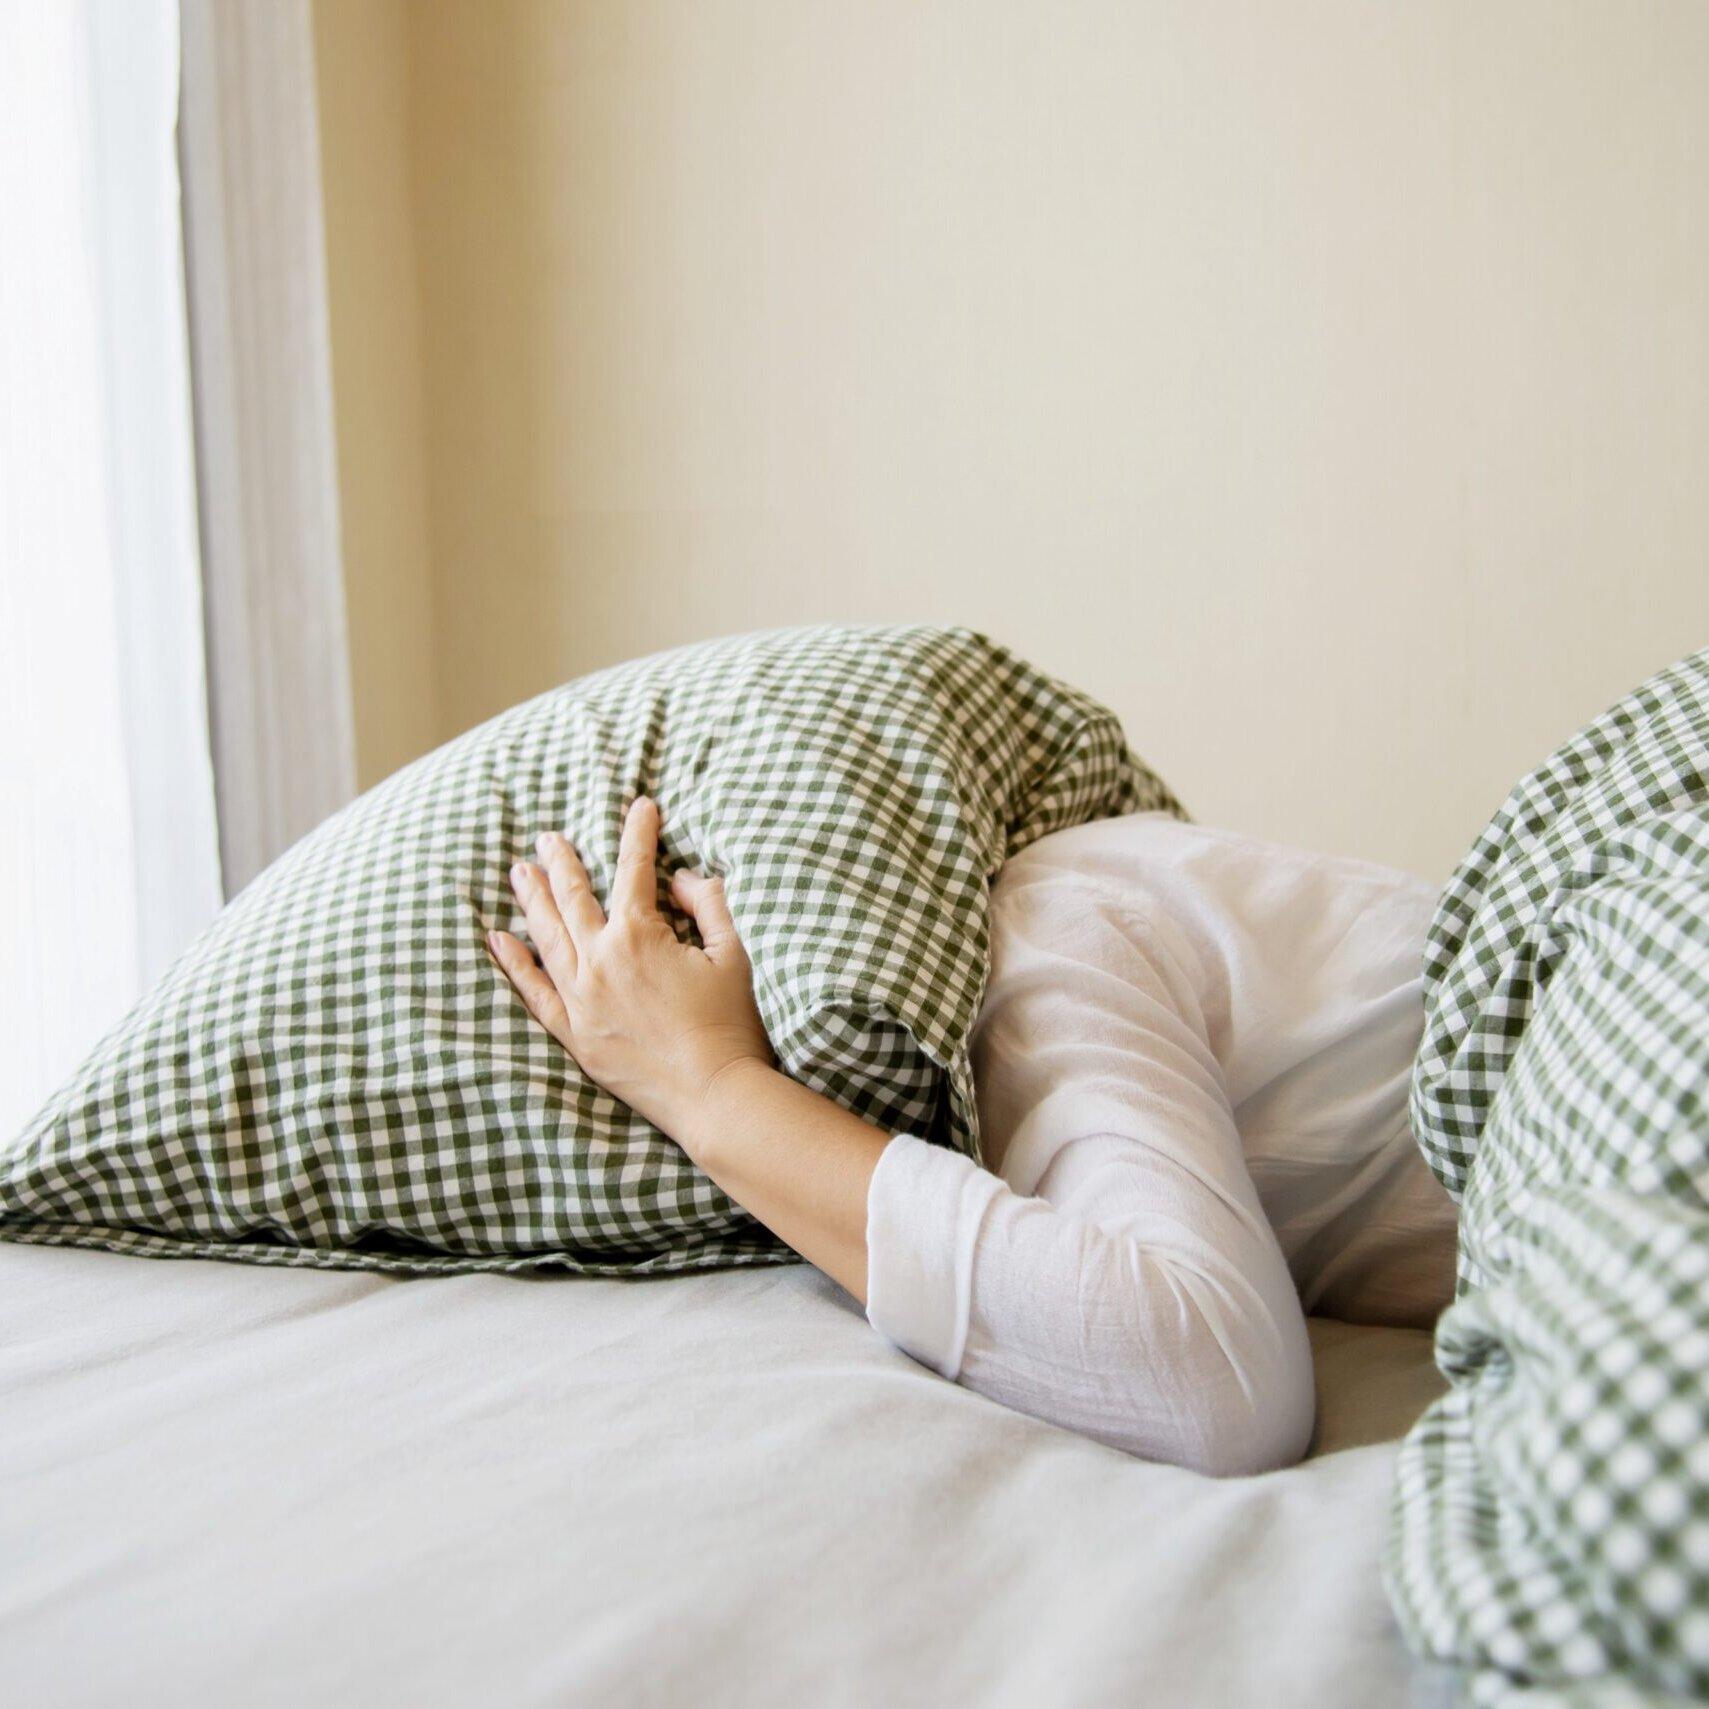 Otoprotettori per il sonno